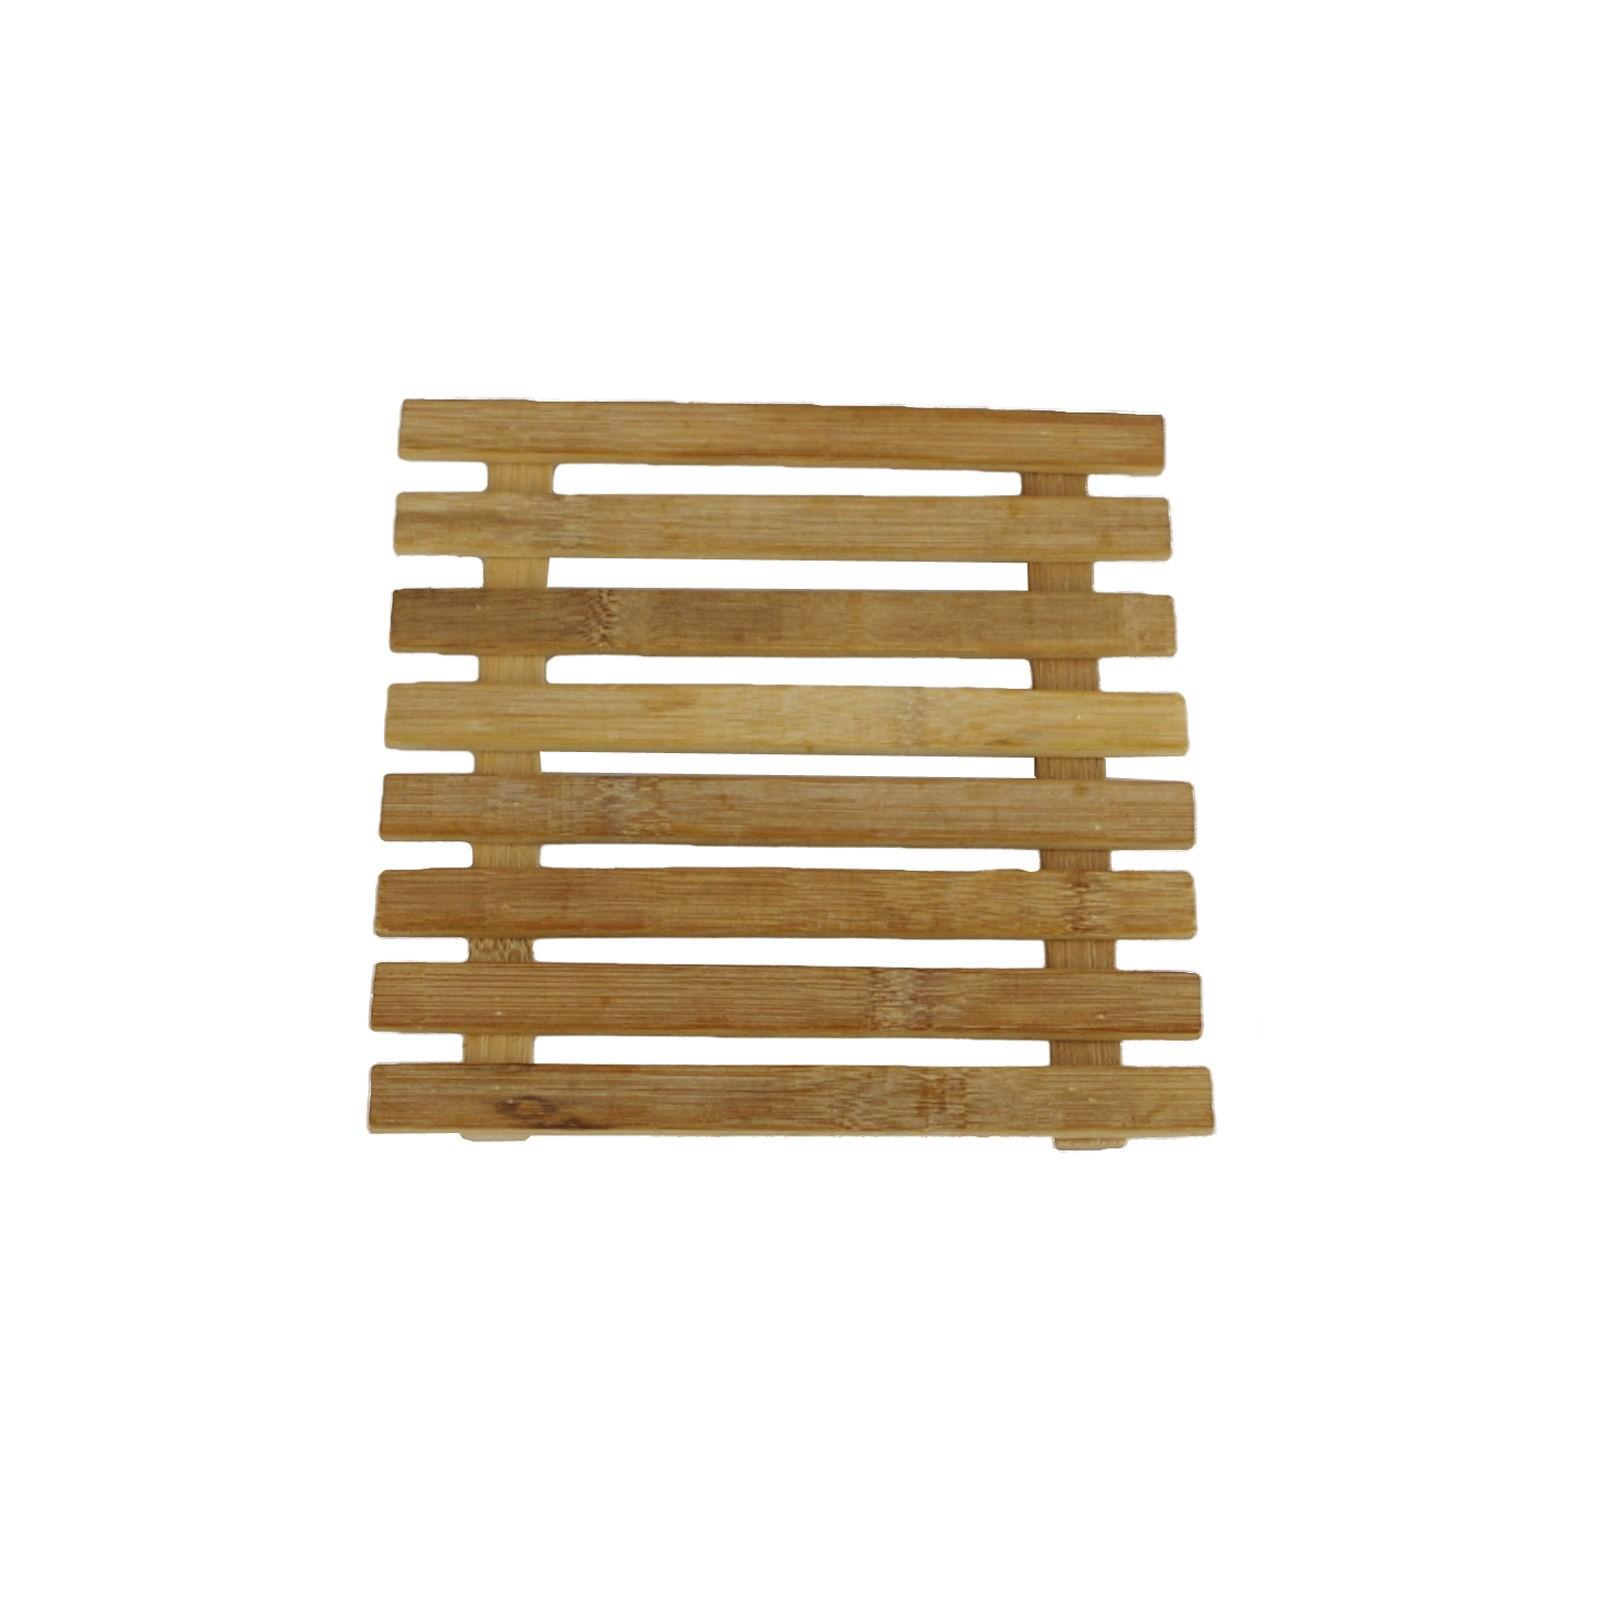 Untersetzer Tischset Bambus Braun 17 5 X 17 5 Cm Platzset Holz